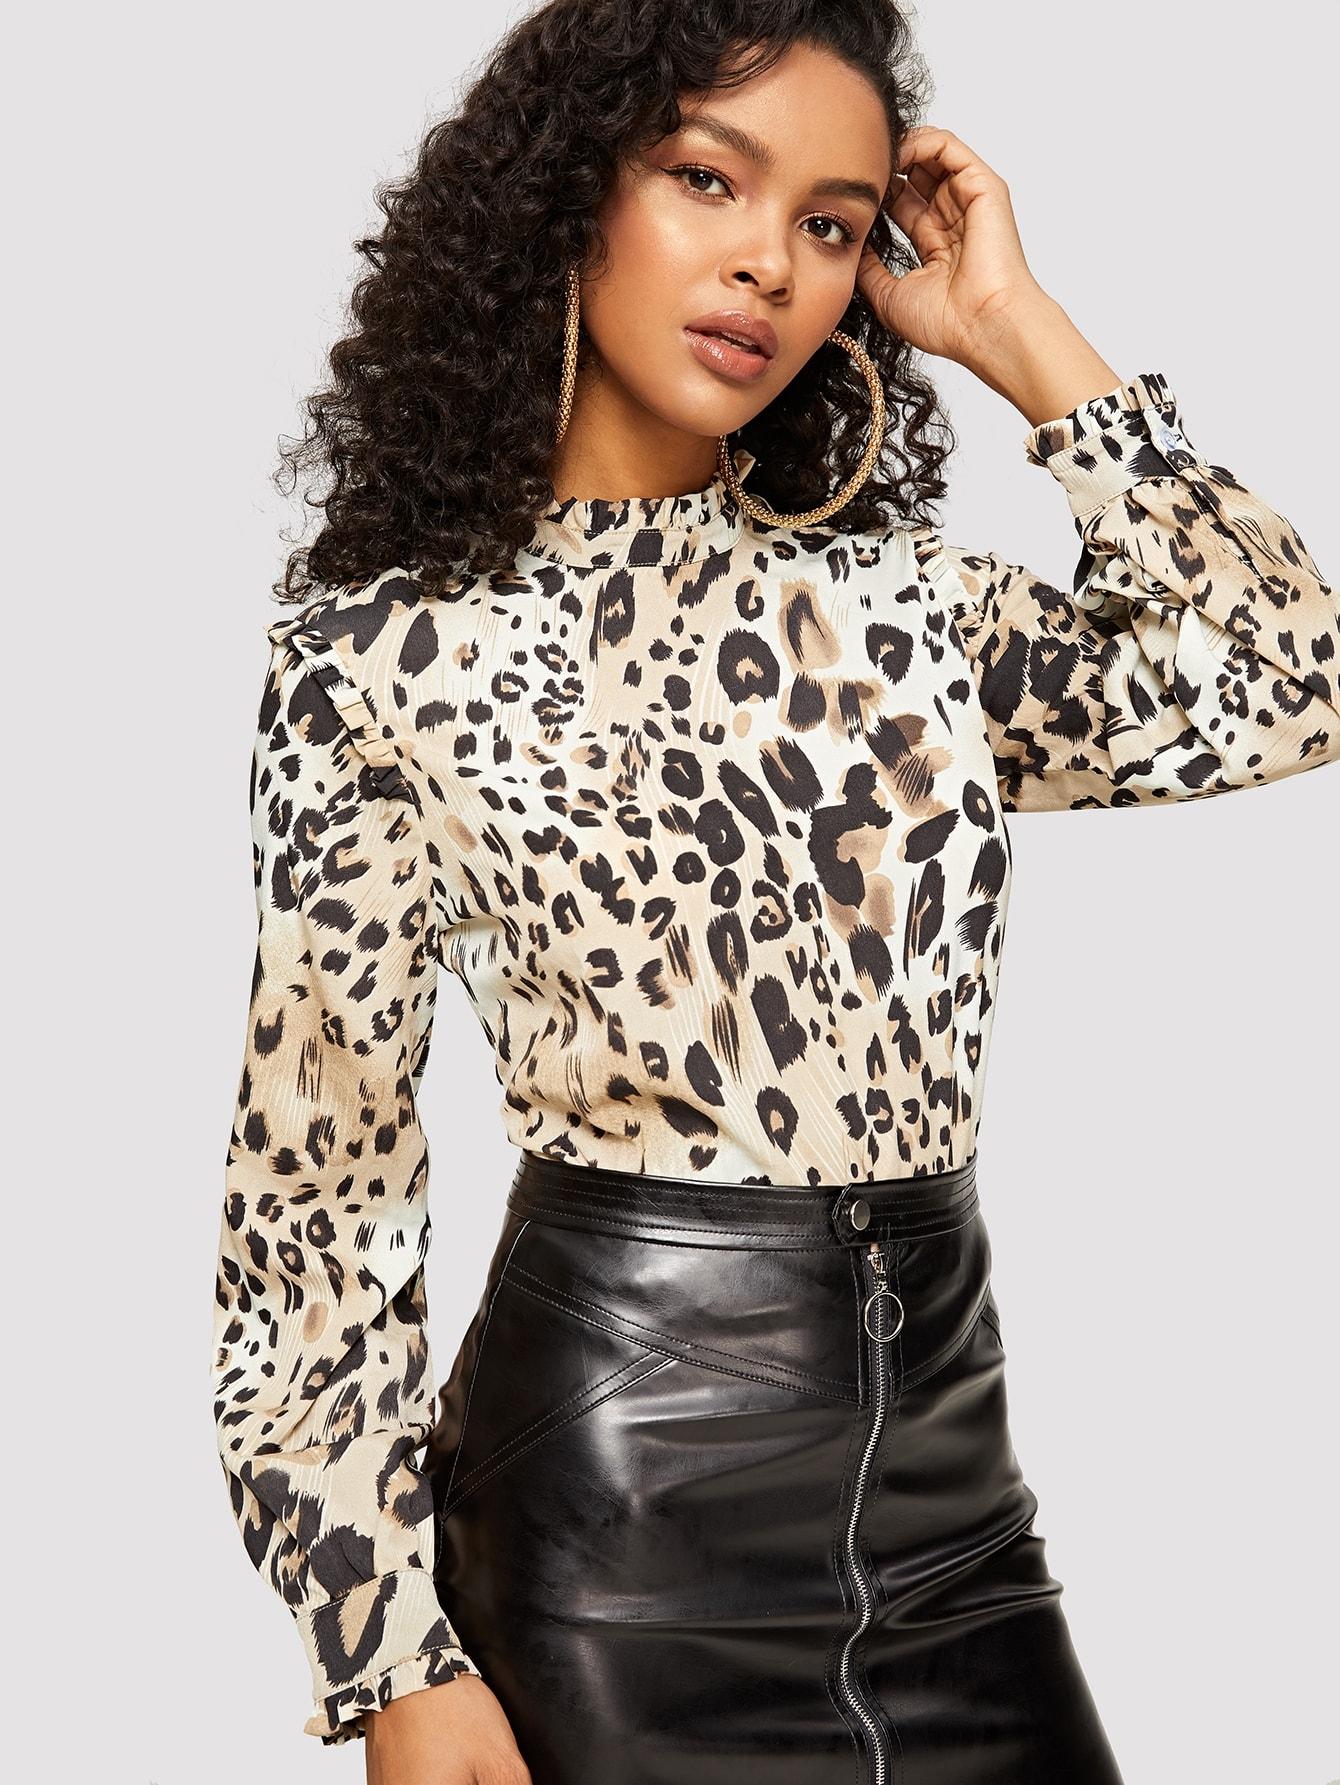 Купить Леопардовая блузка со складкой, Gigi, SheIn